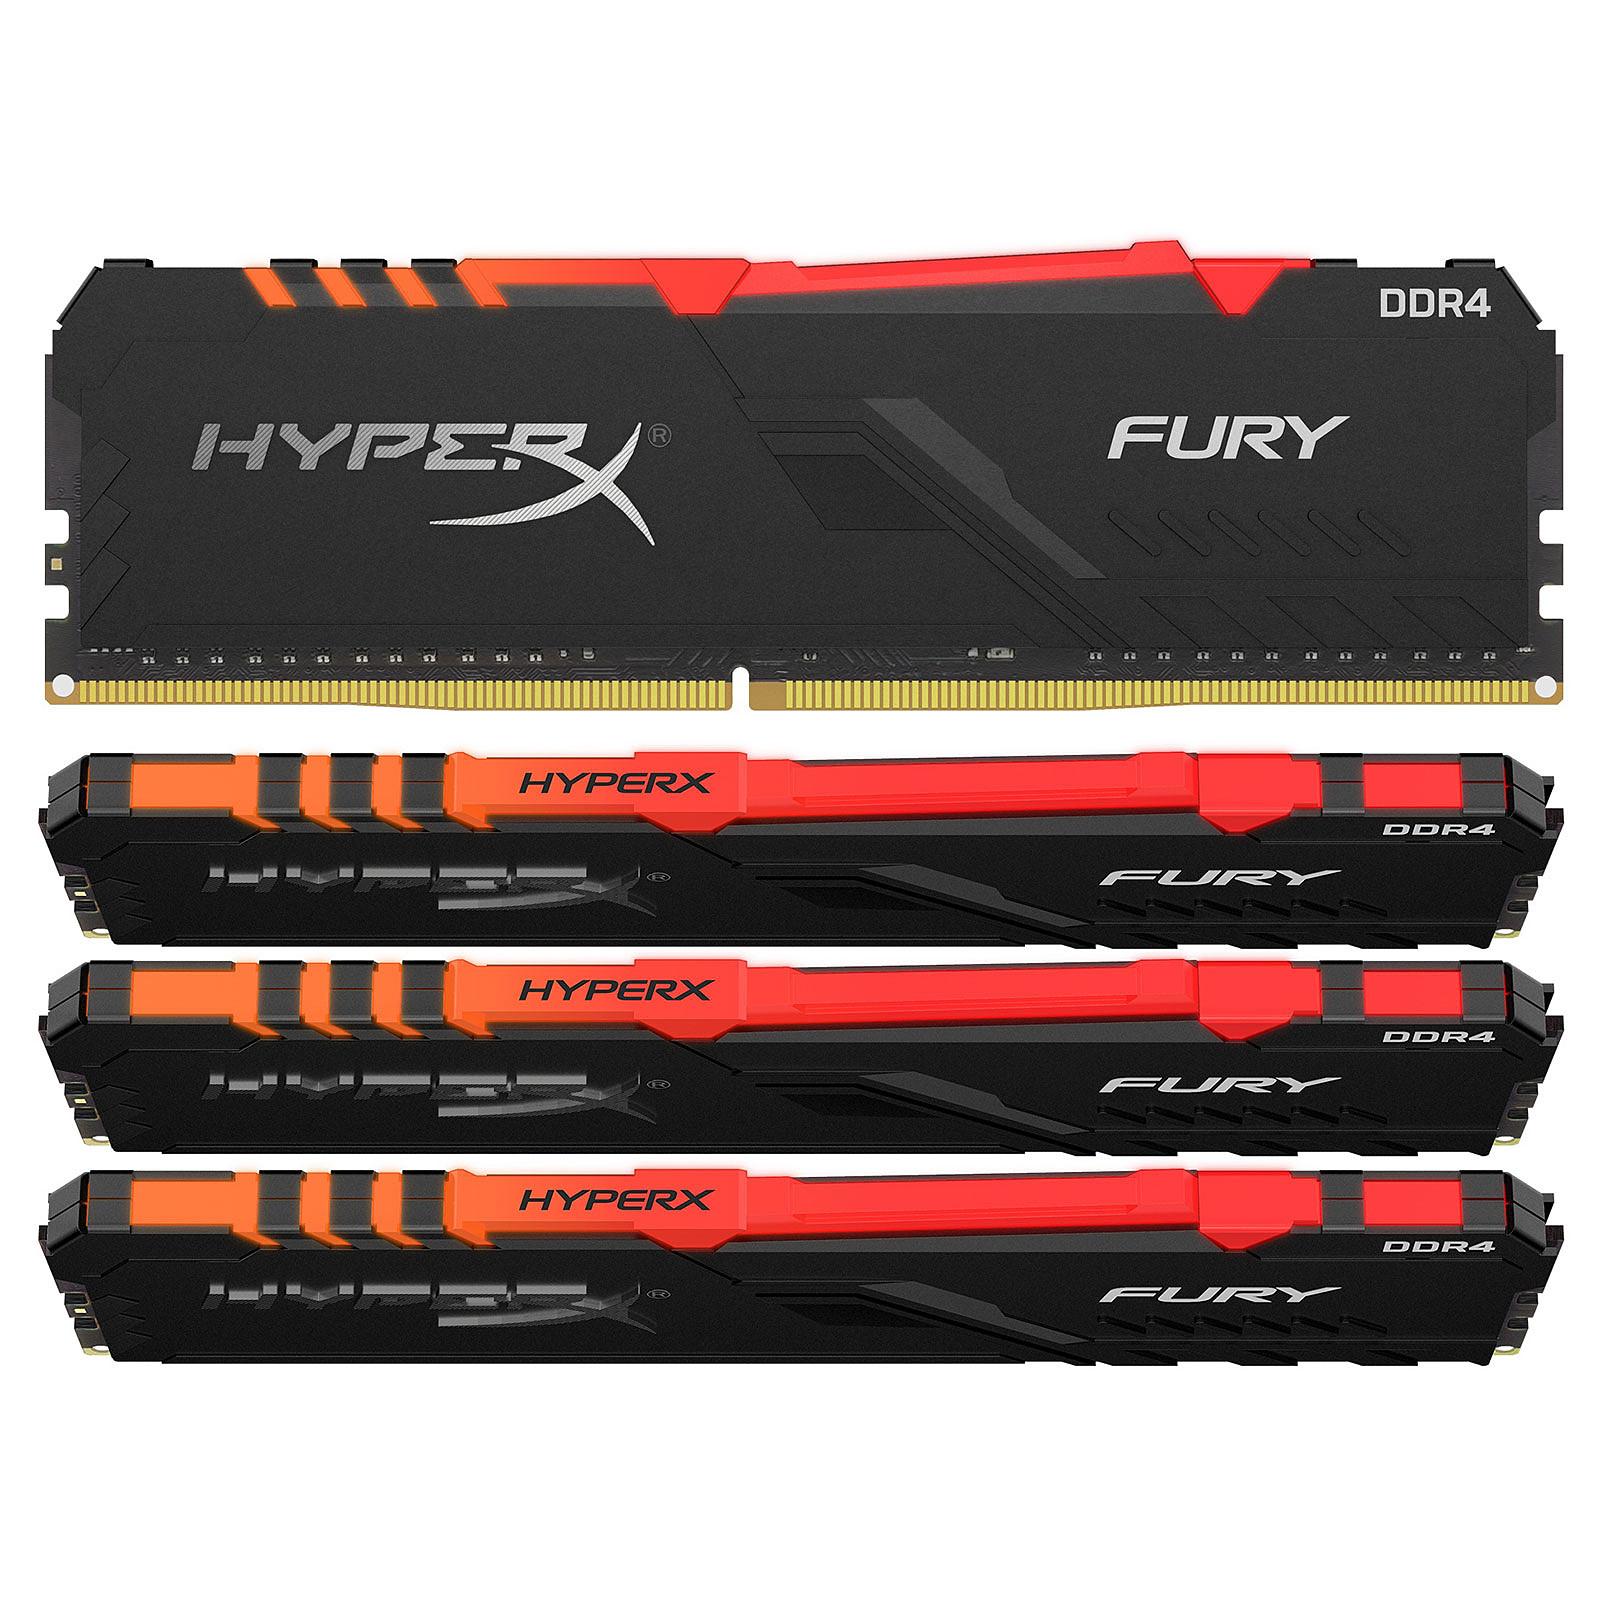 HyperX Fury RGB 32 Go (4x 8 Go) DDR4 3466 MHz CL16